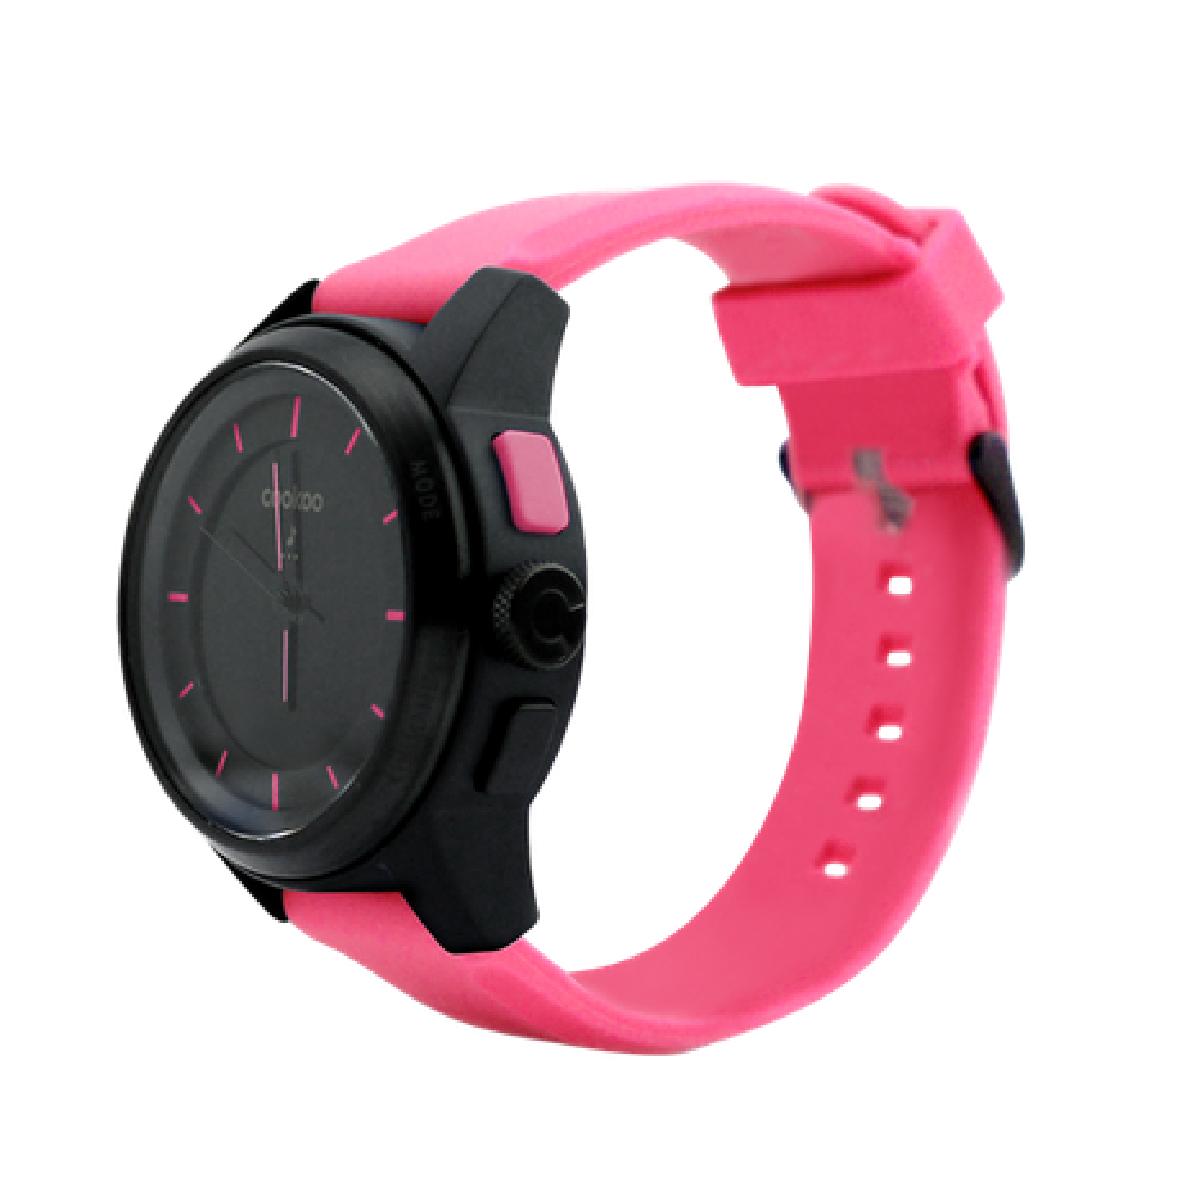 Une montre connectée en rose pour les femmes